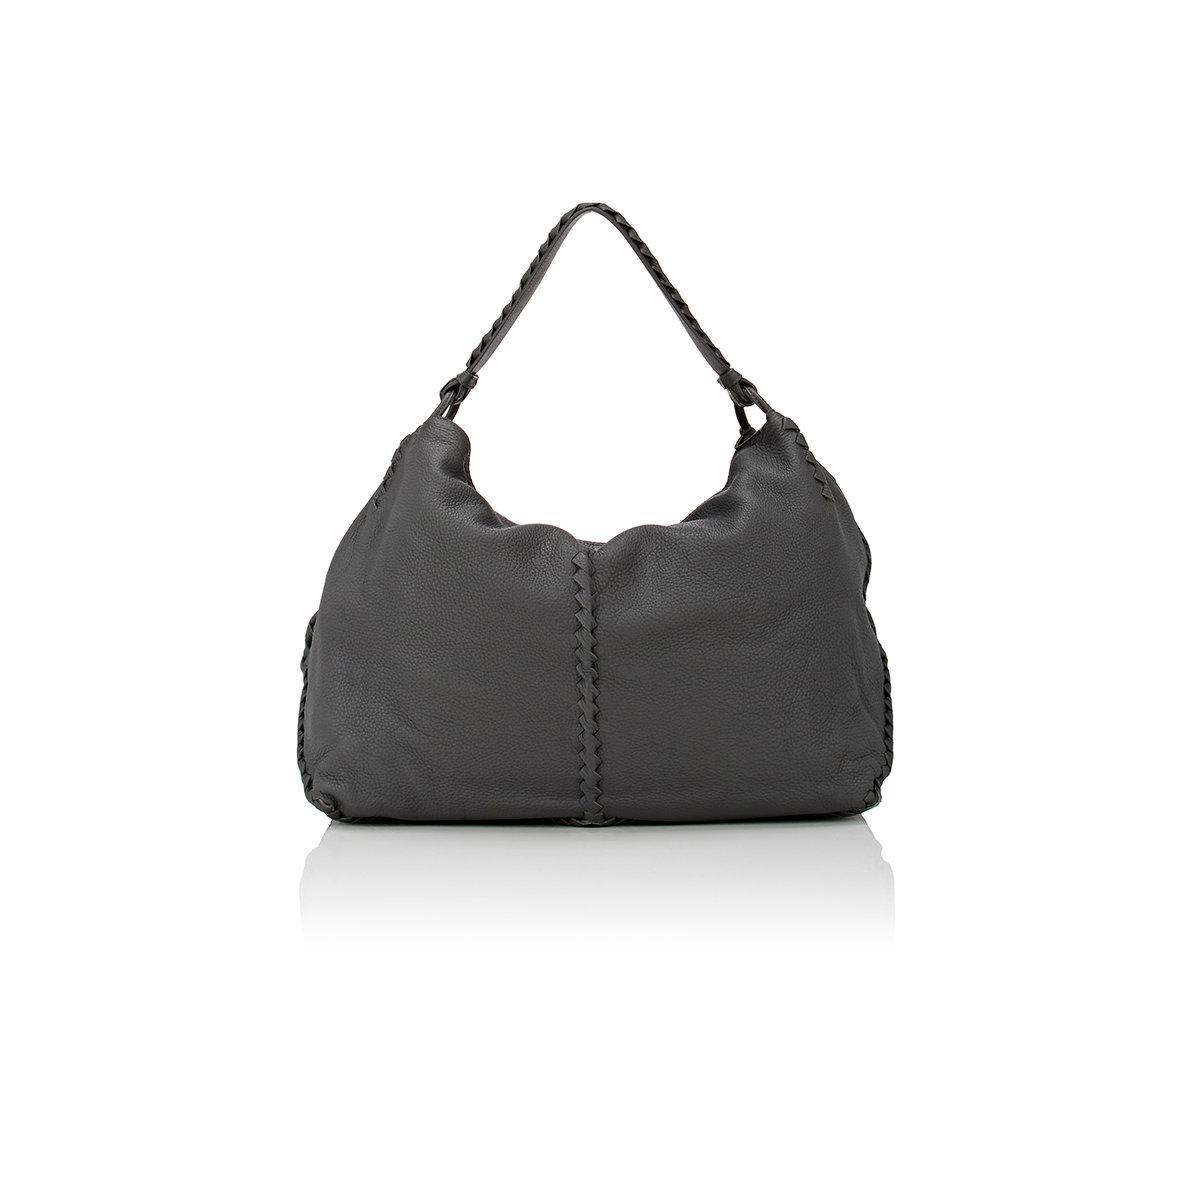 4116db56793b Bottega Veneta Intrecciato Cervo Large Shoulder Bag in Gray - Lyst